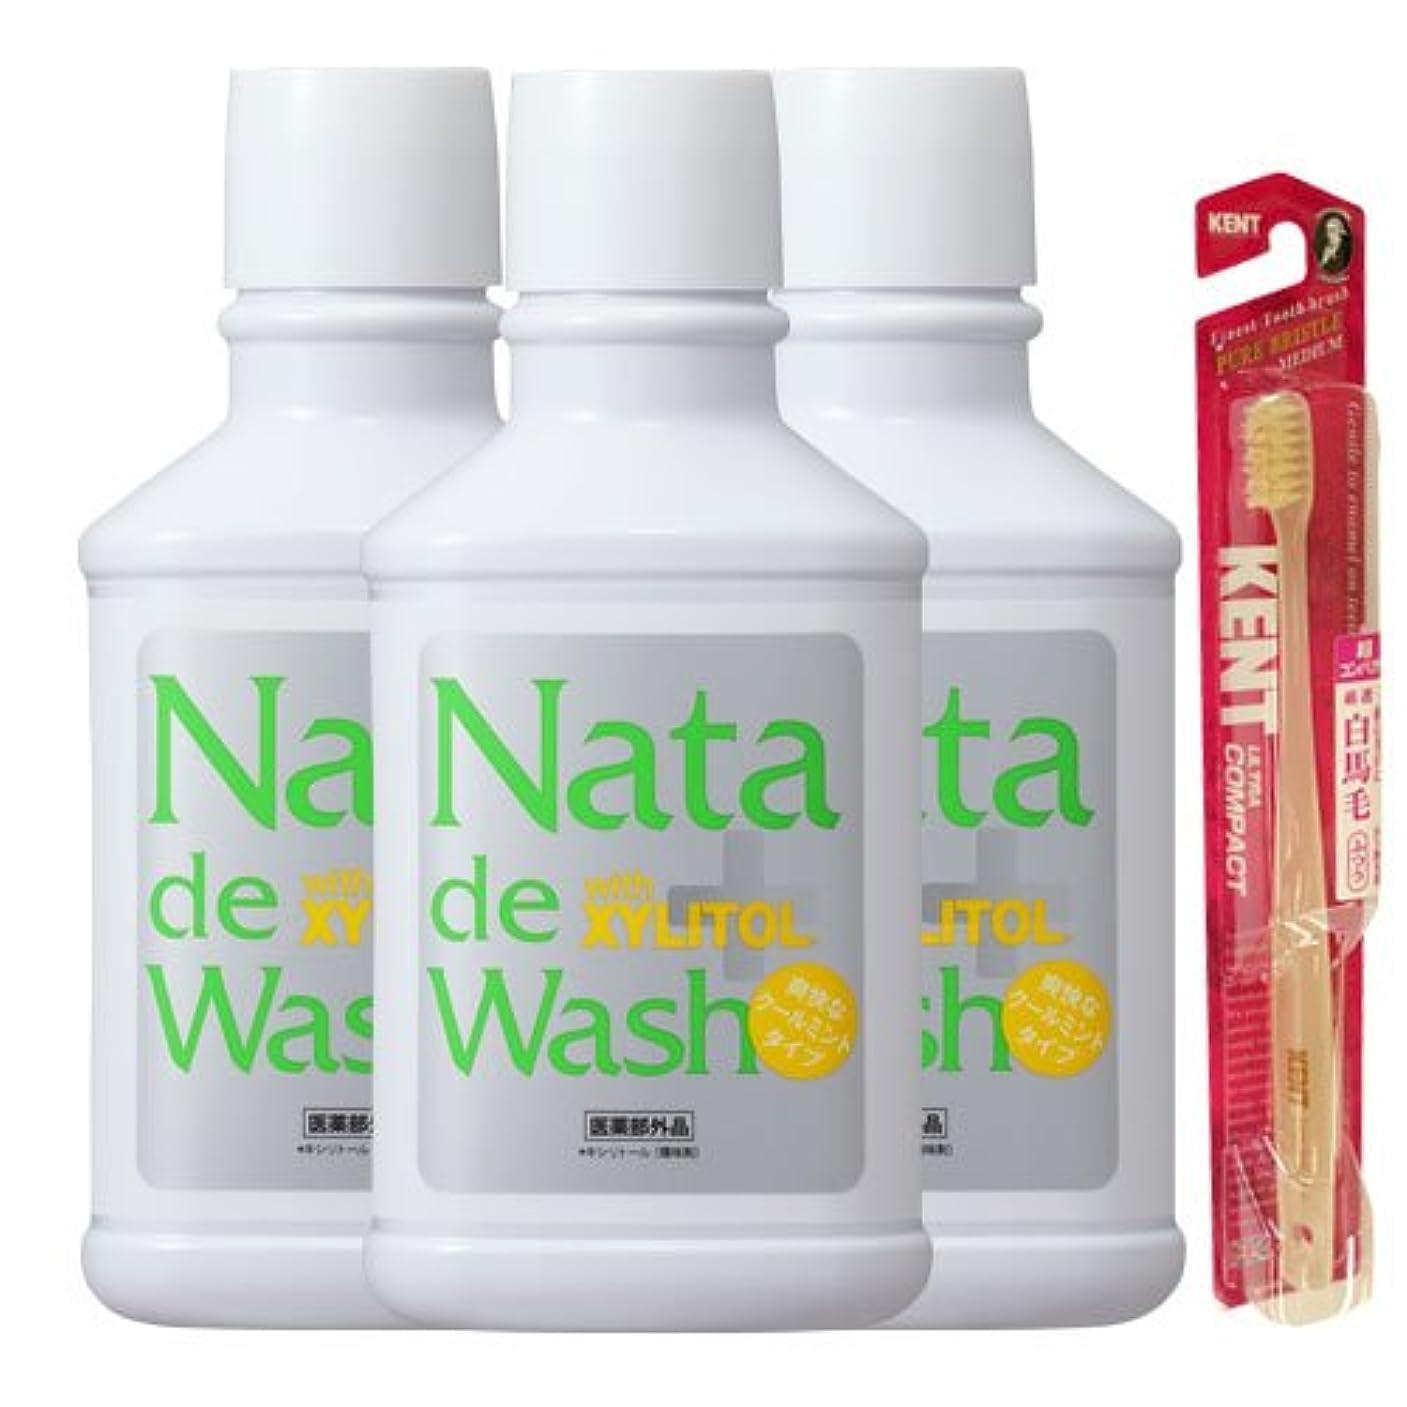 分解するお風呂を持っている判読できない薬用ナタデウォッシュ 爽快なクールミントタイプ 500ml 3本& KENT歯ブラシ1本プレゼント